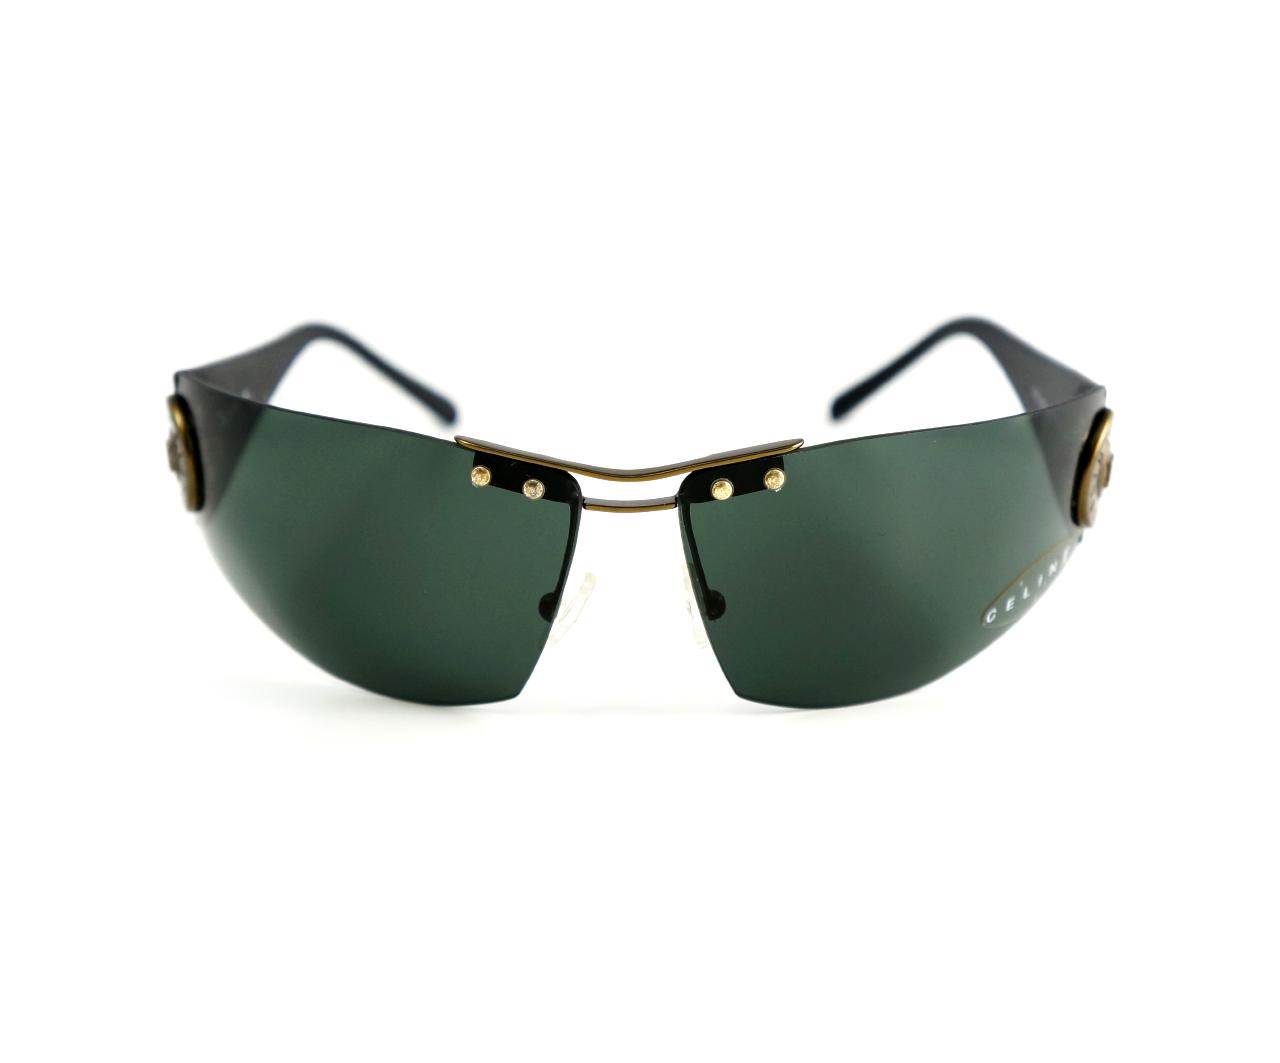 celine-sc-1003-col-s29-occhiale-vintage-103